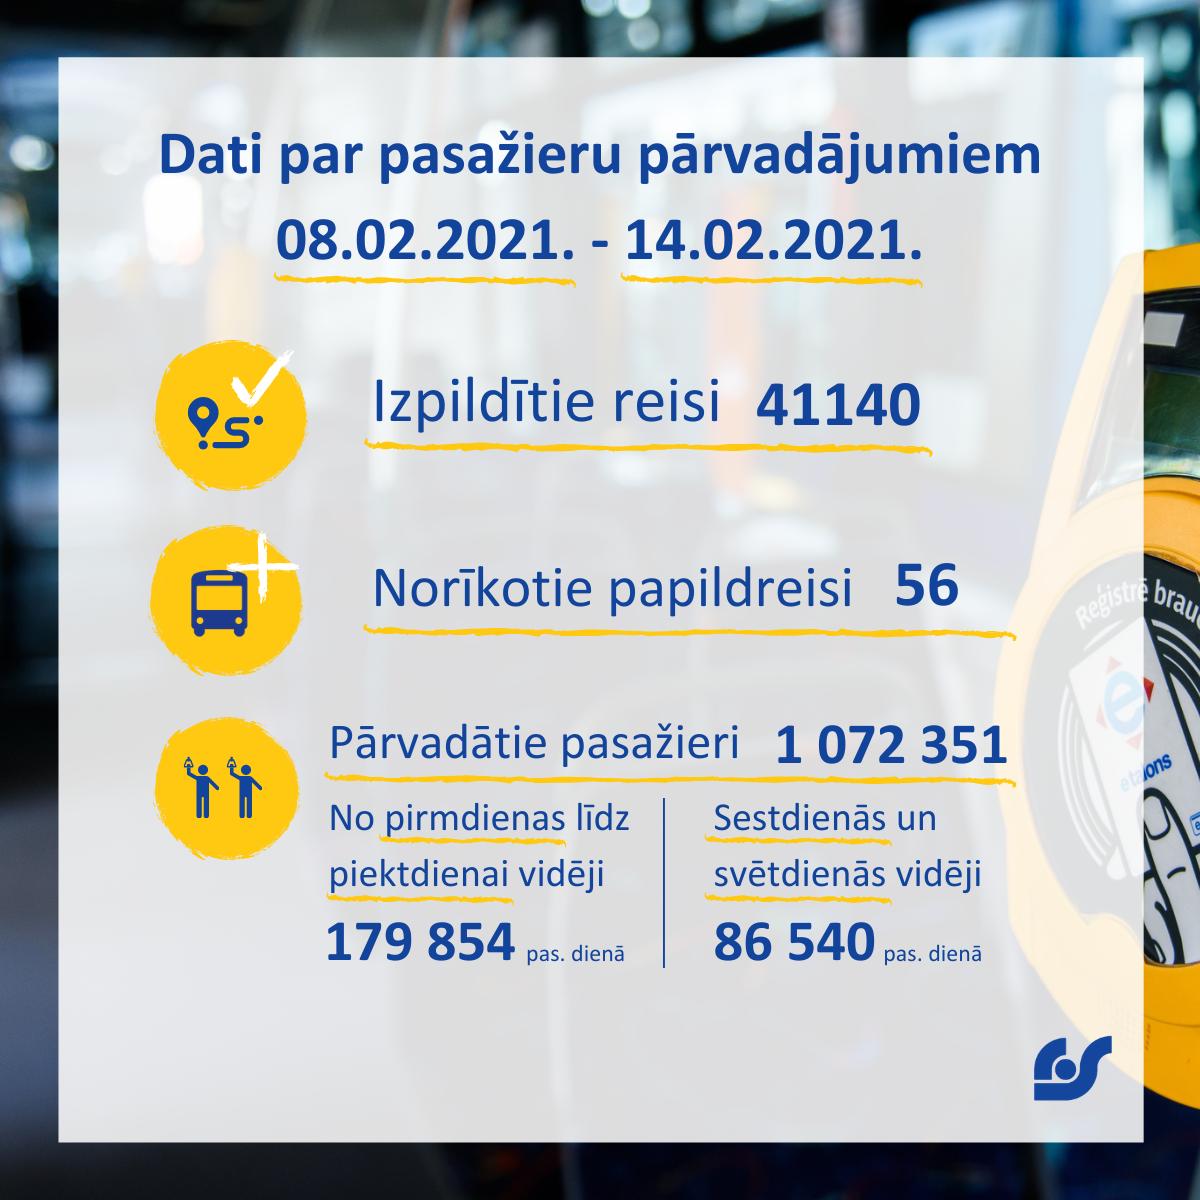 Dati par pasažieru pārvadājumiem 08.02.2021. - 14.02.2021..png